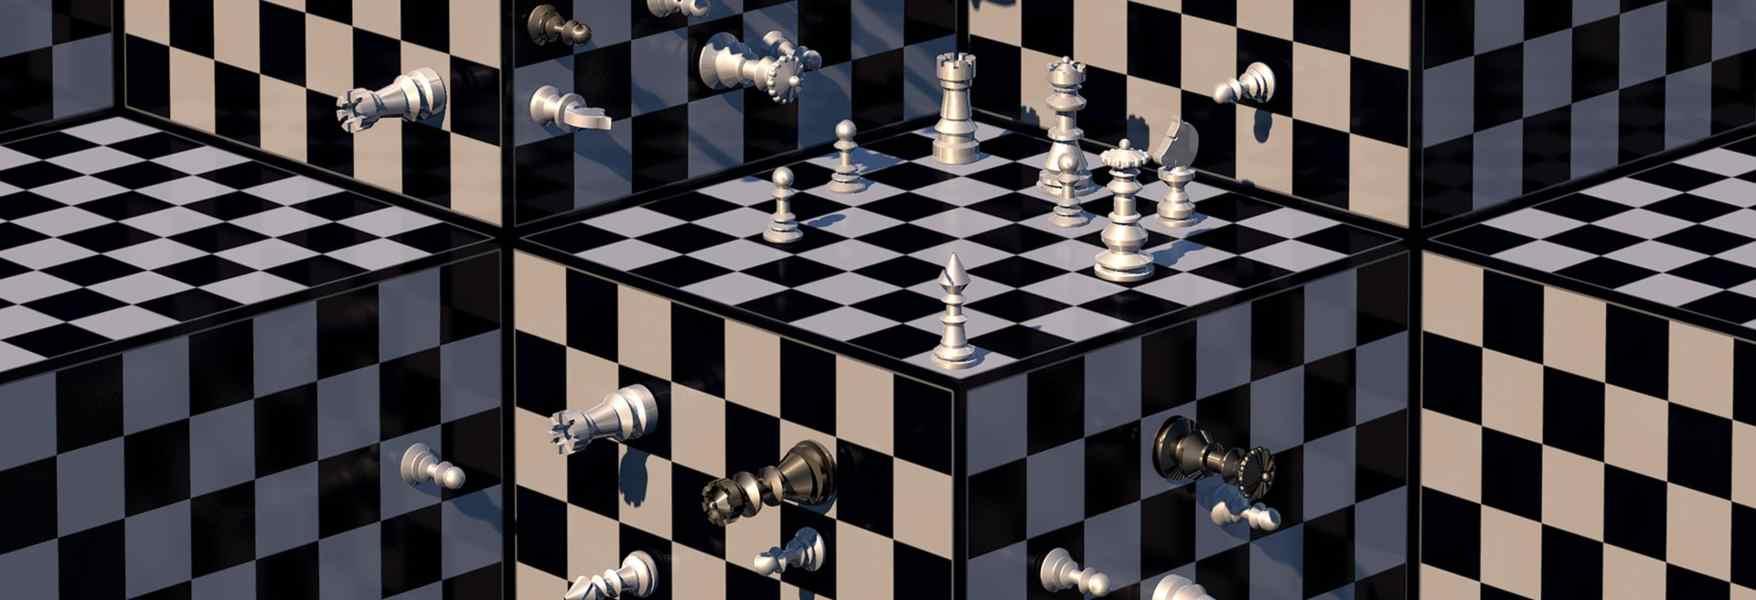 El auge de la inteligencia de las máquinas: el ajedrez cibernético |  OpenMind